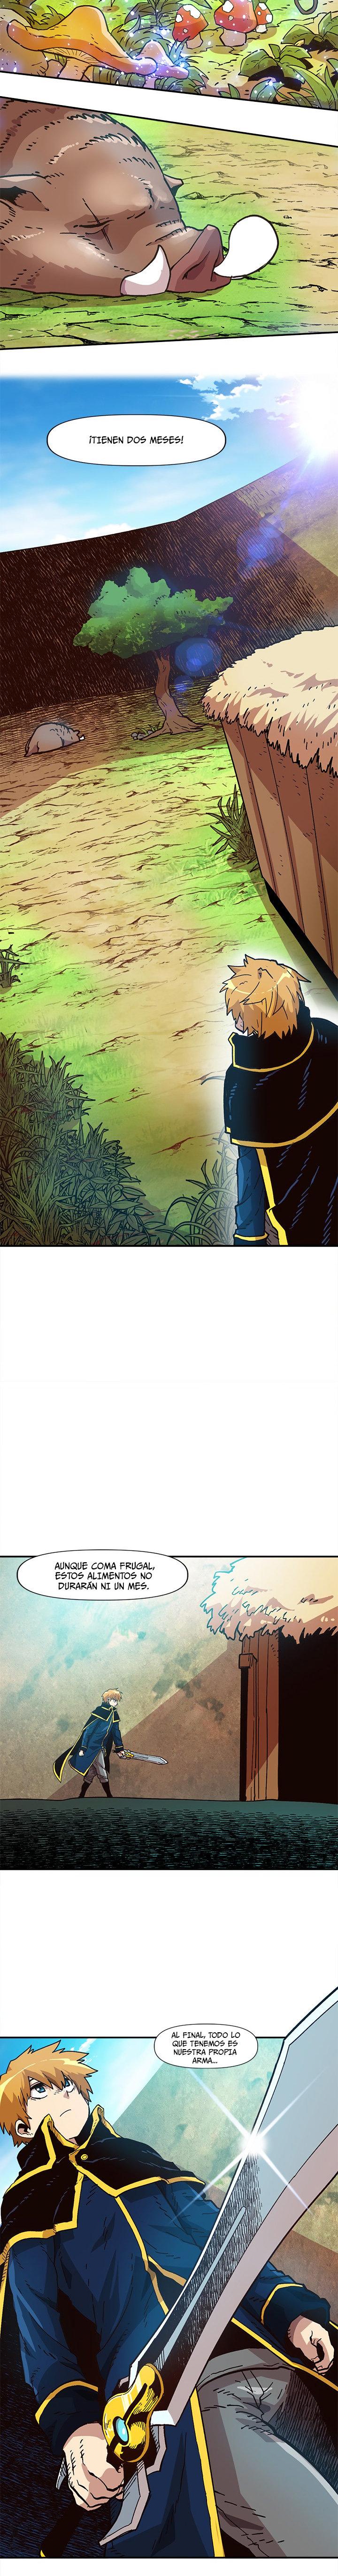 https://nine.mangadogs.com/es_manga/pic9/15/35919/969366/dadf3440ed6e33b684459420d88281a3.jpg Page 9